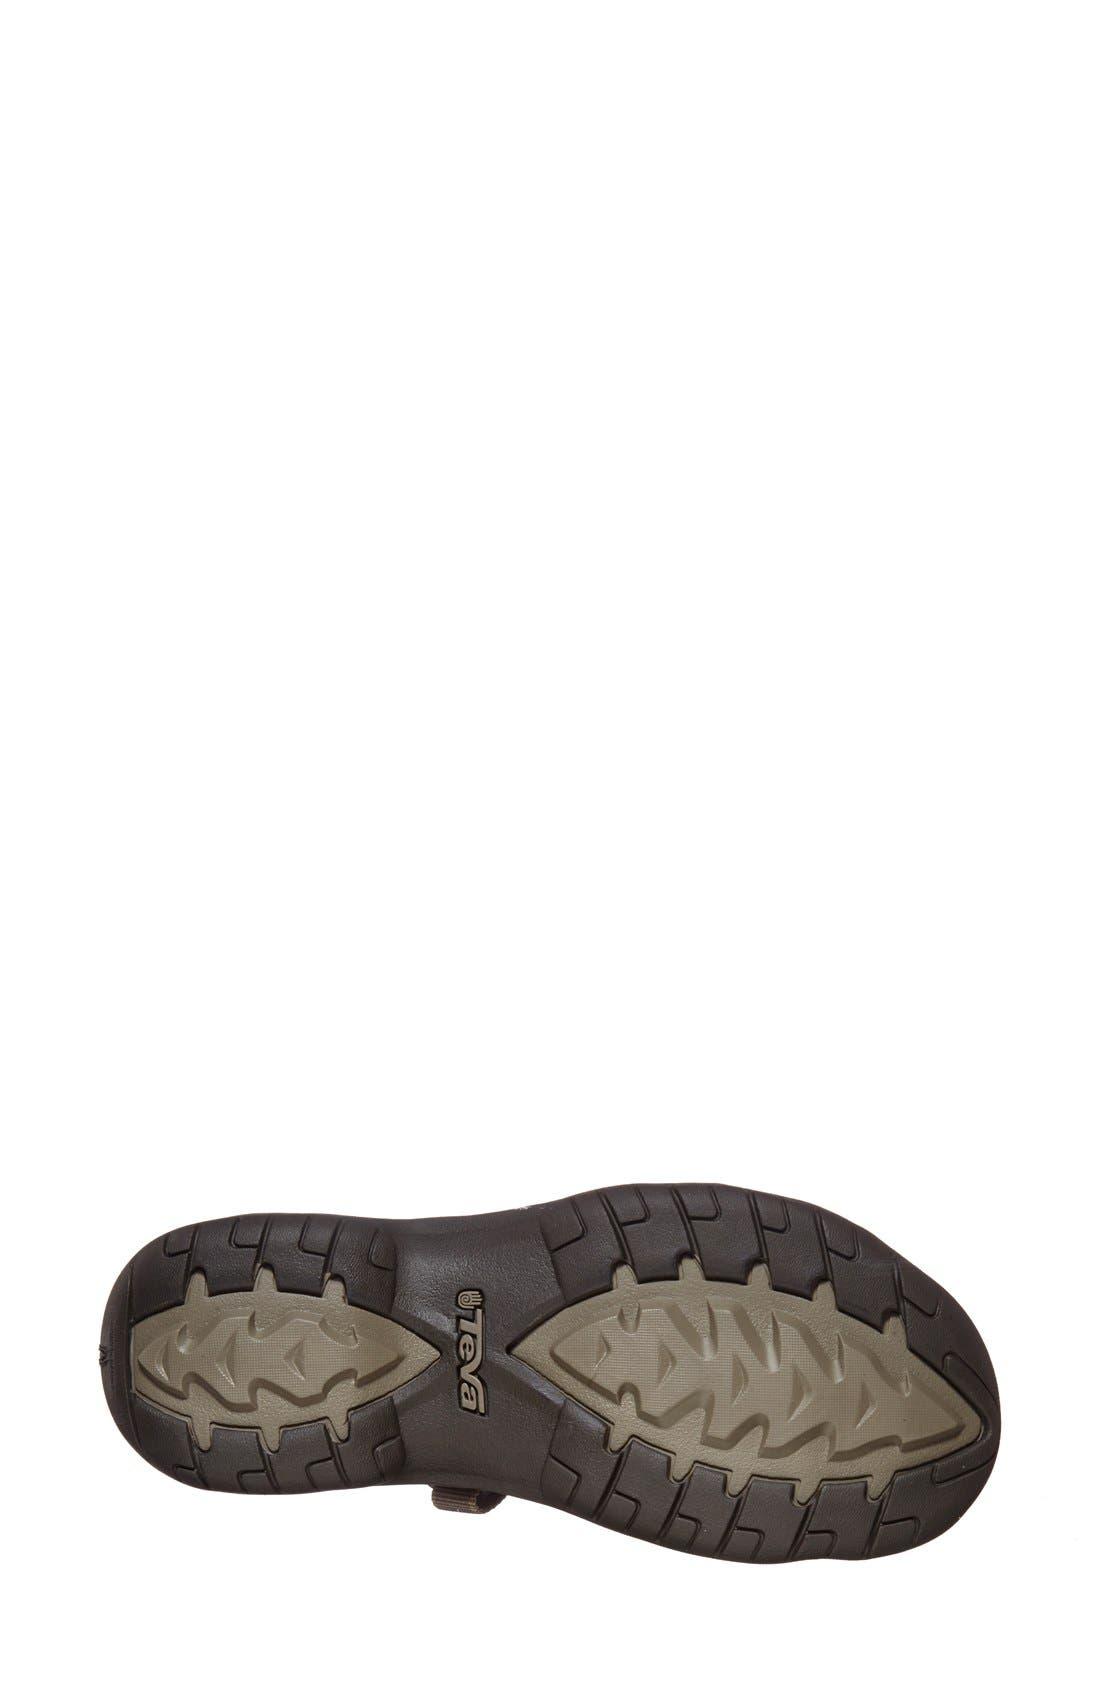 Alternate Image 4  - Teva 'Verra' Sandal (Women)